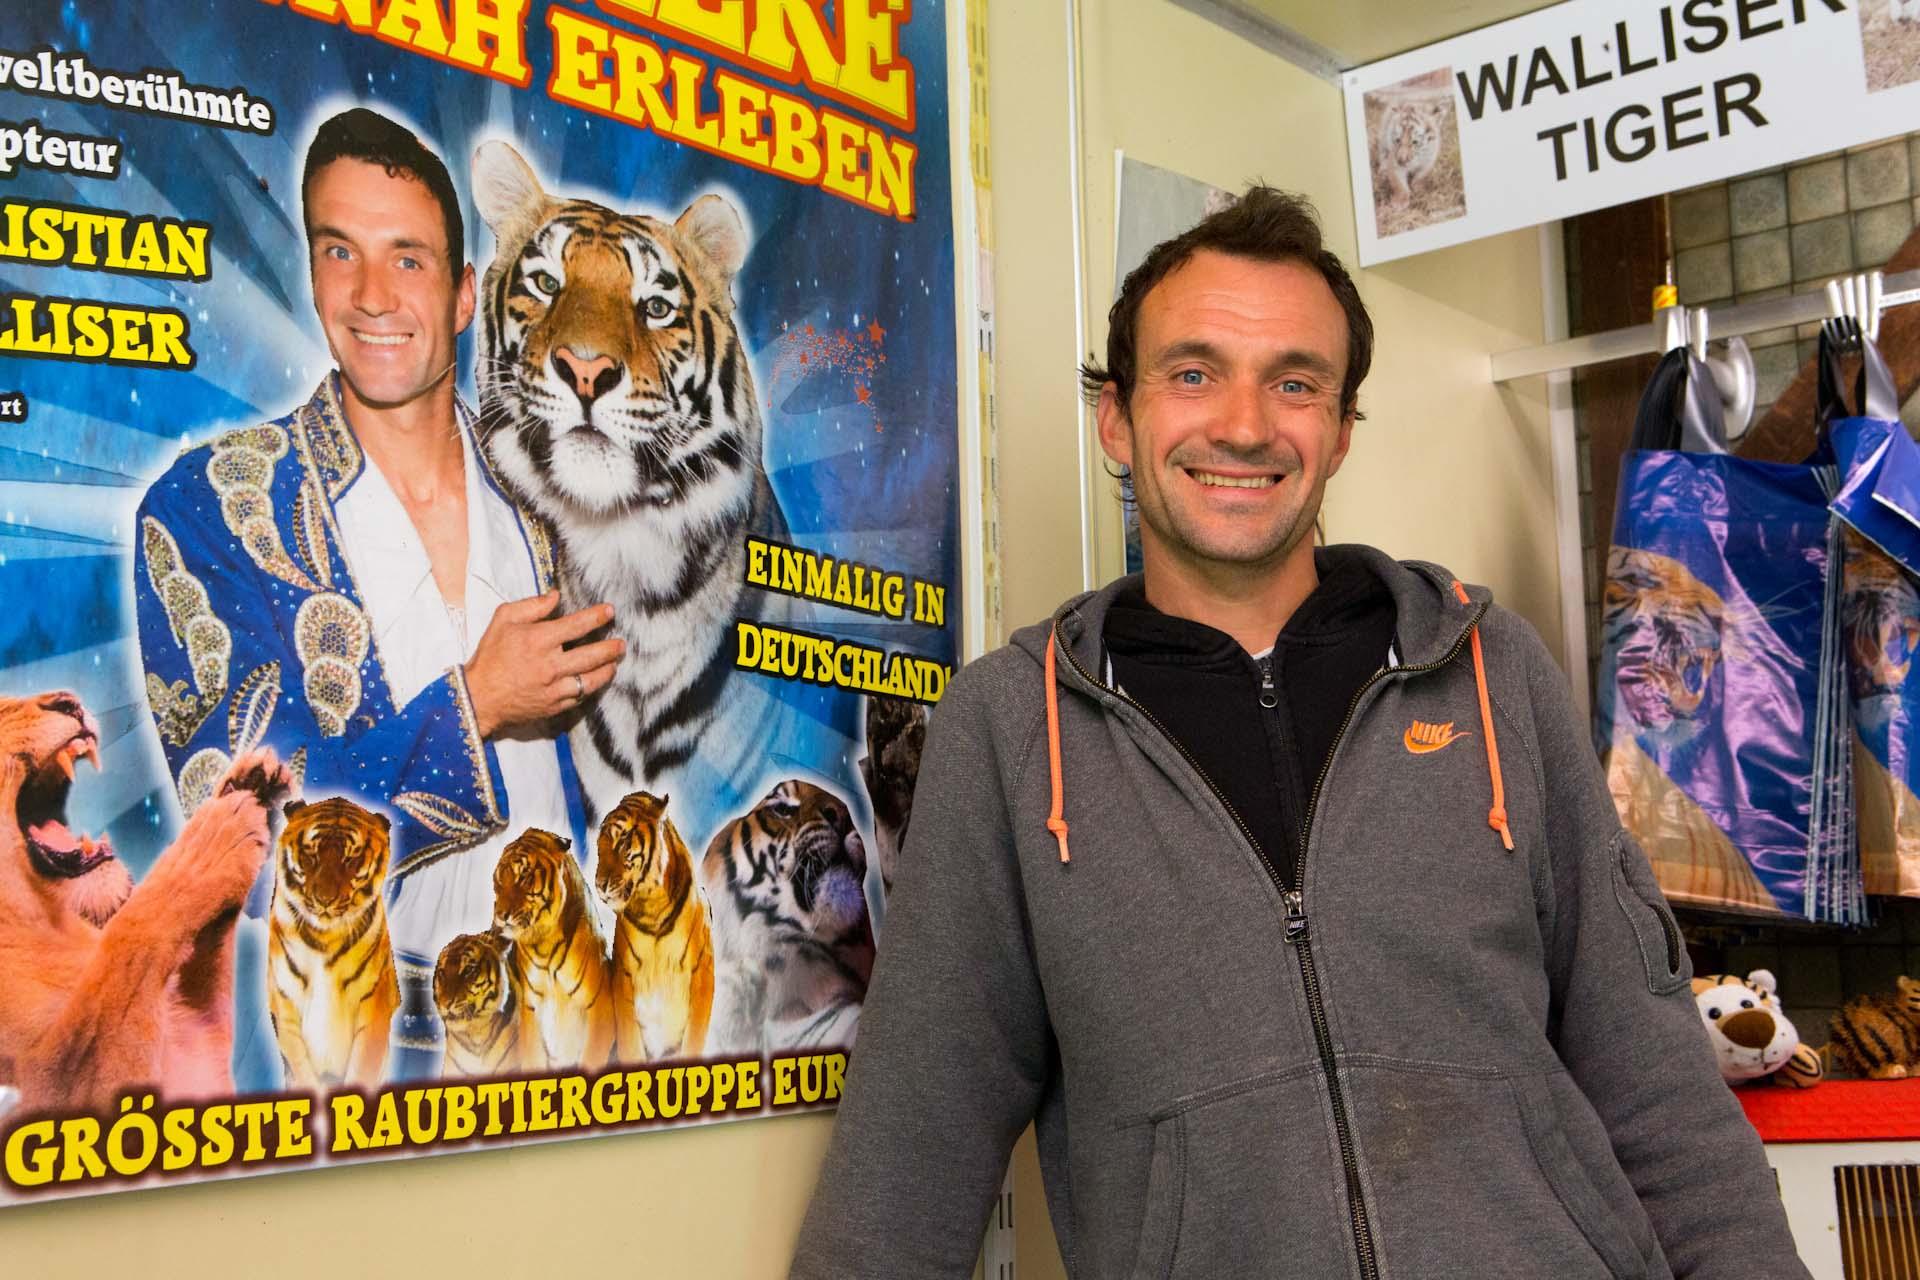 """Christian Walliser im Verkaufswagen des Raubtierhofes. """"Raubtiere hautnah erleben"""" steht auf einem Plakat. Las Vegas im Schwarzwald."""